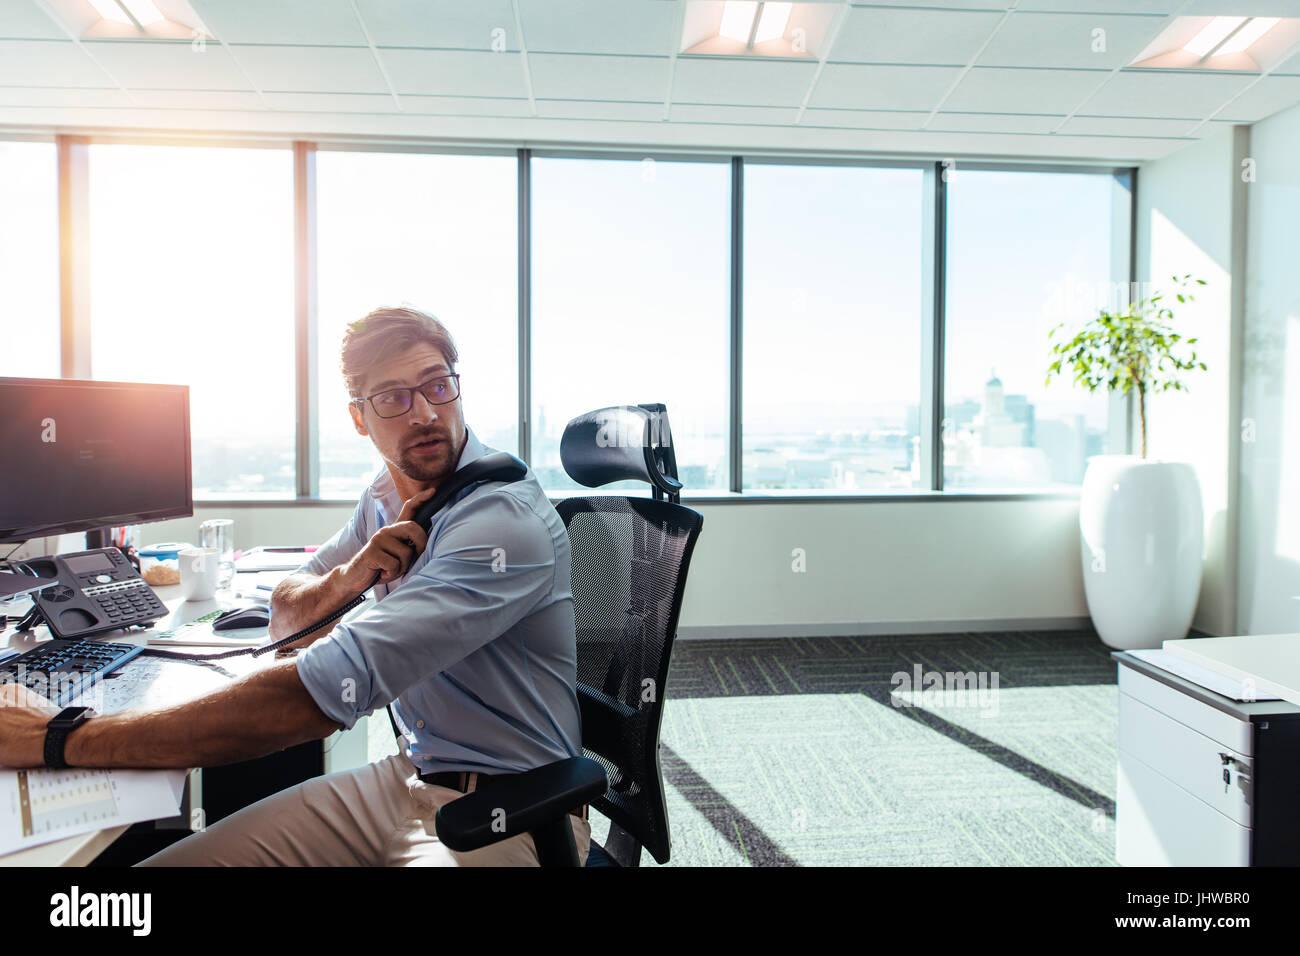 Imprenditore a lavorare nel suo ufficio con computer e documenti aziendali sul tavolo. Il giovane imprenditore guardando Immagini Stock